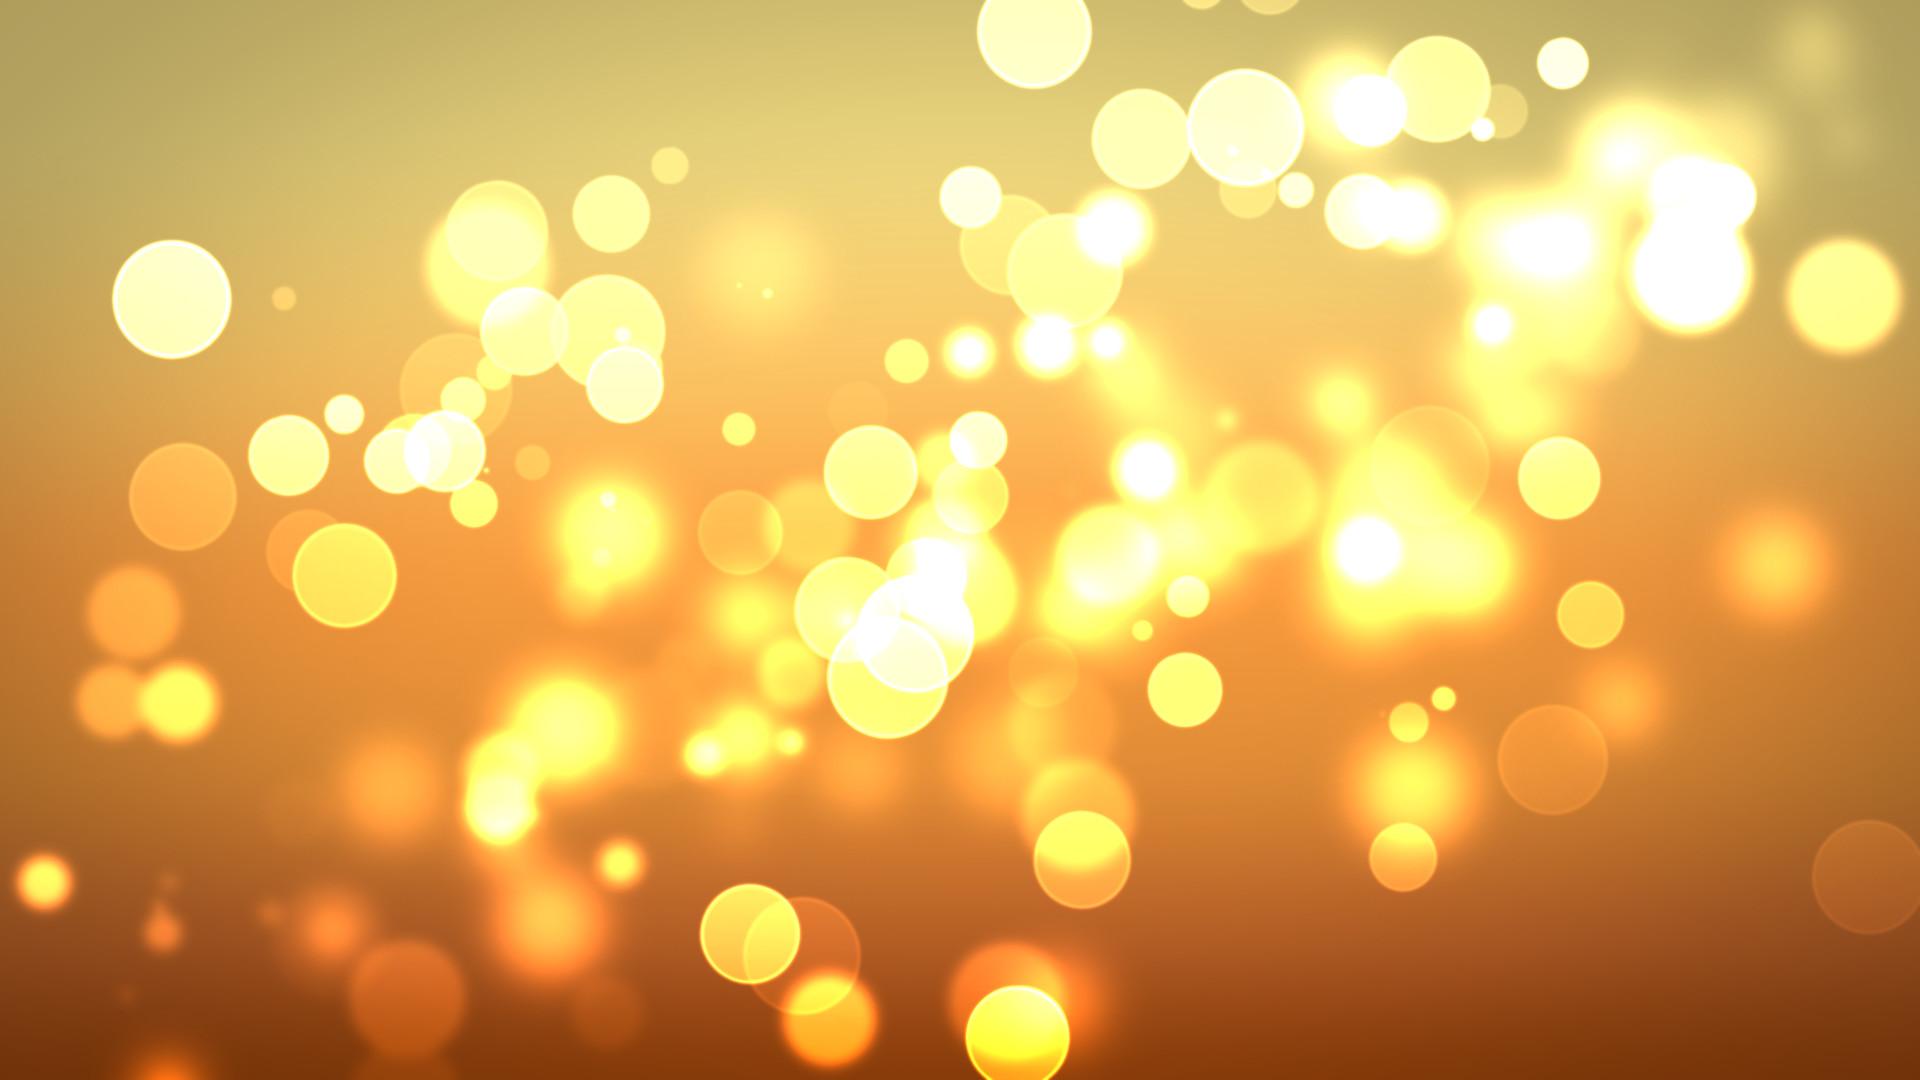 Gold Wallpaper 804